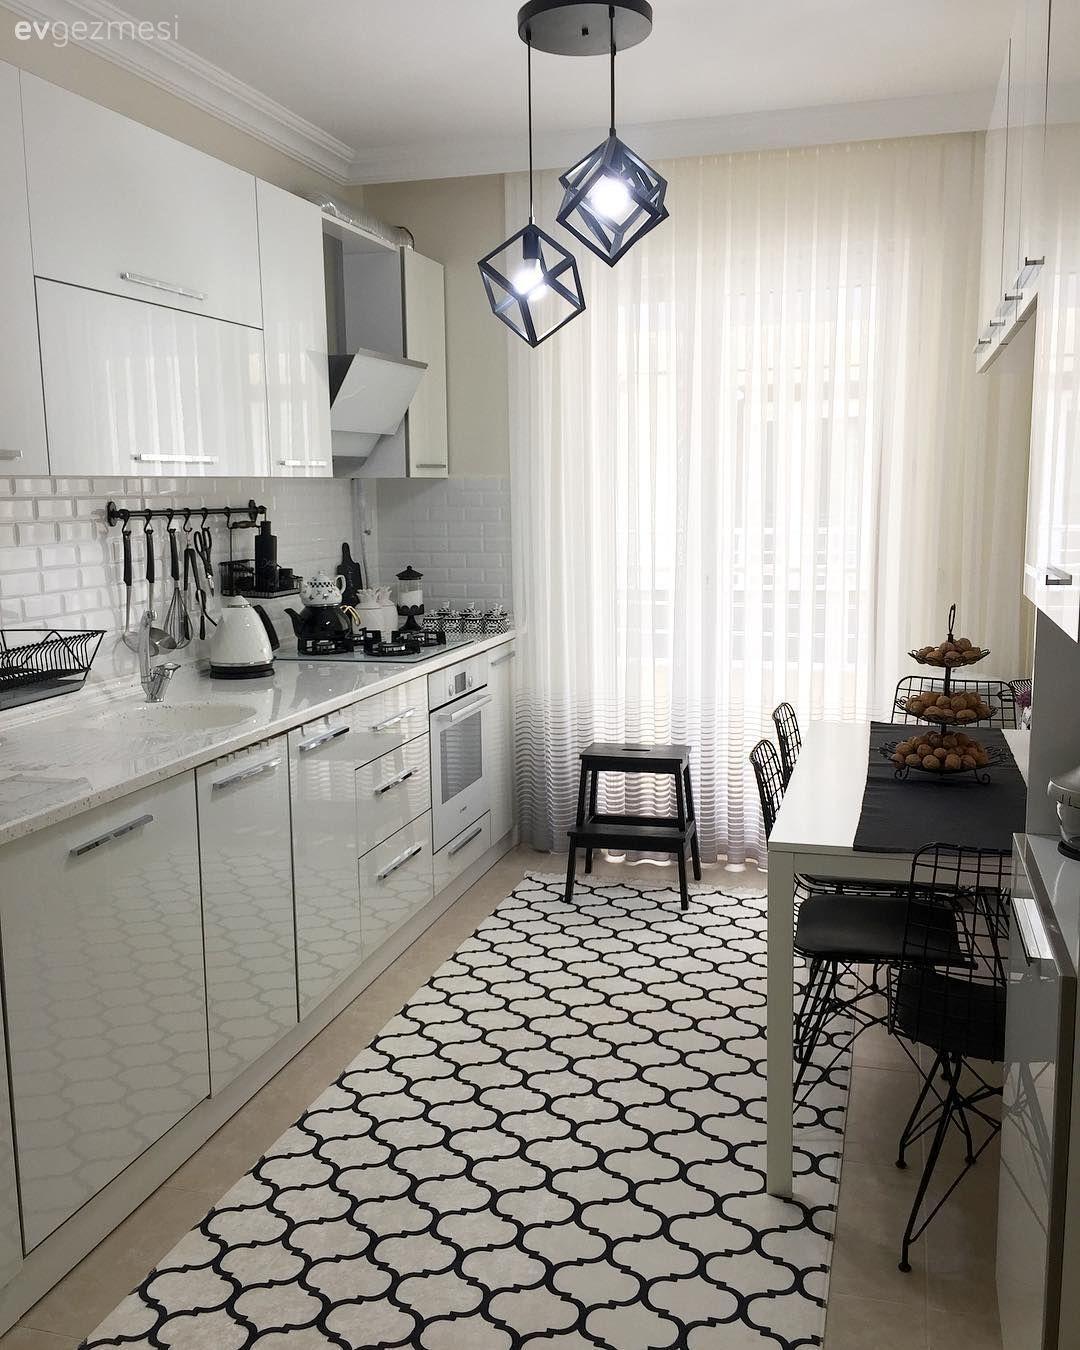 Bu Dubleks Evde Estetik Kadar Kullanislilik Da On Planda Ev Gezmesi Luks Mutfaklar Beyaz Mutfaklar Ic Tasarim Mutfak